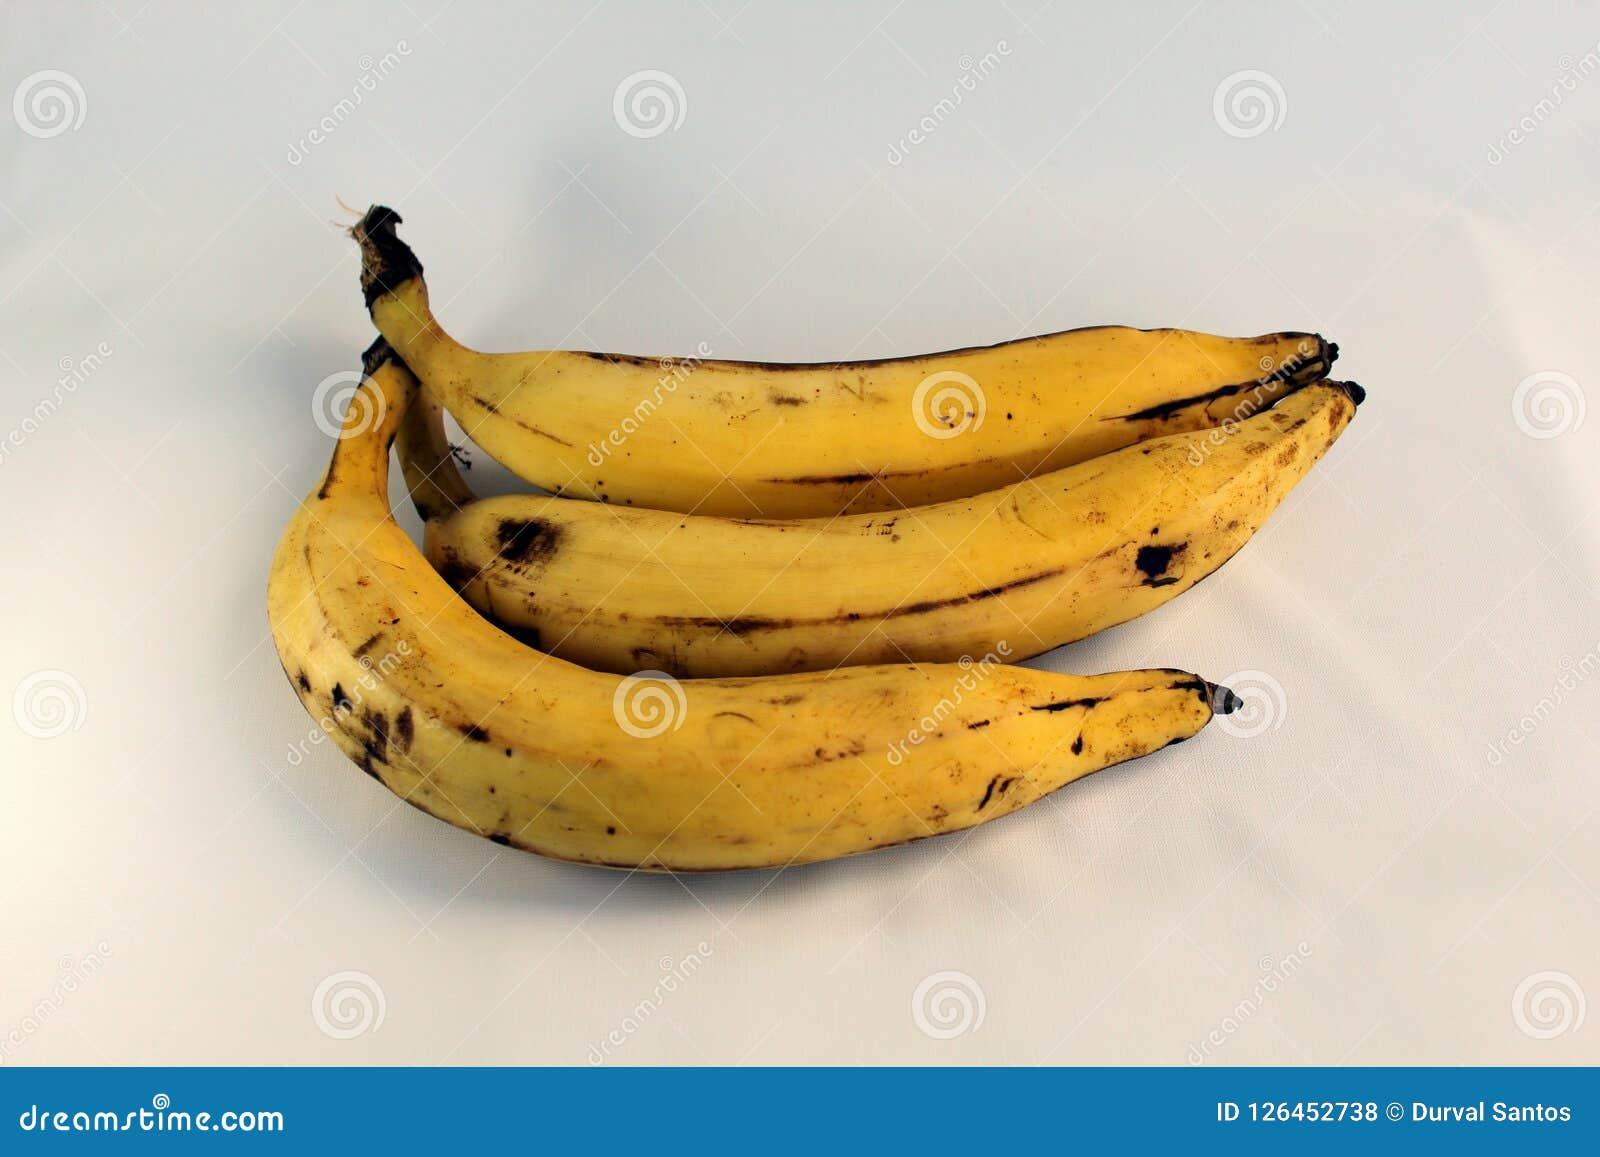 Three bananas of the earth